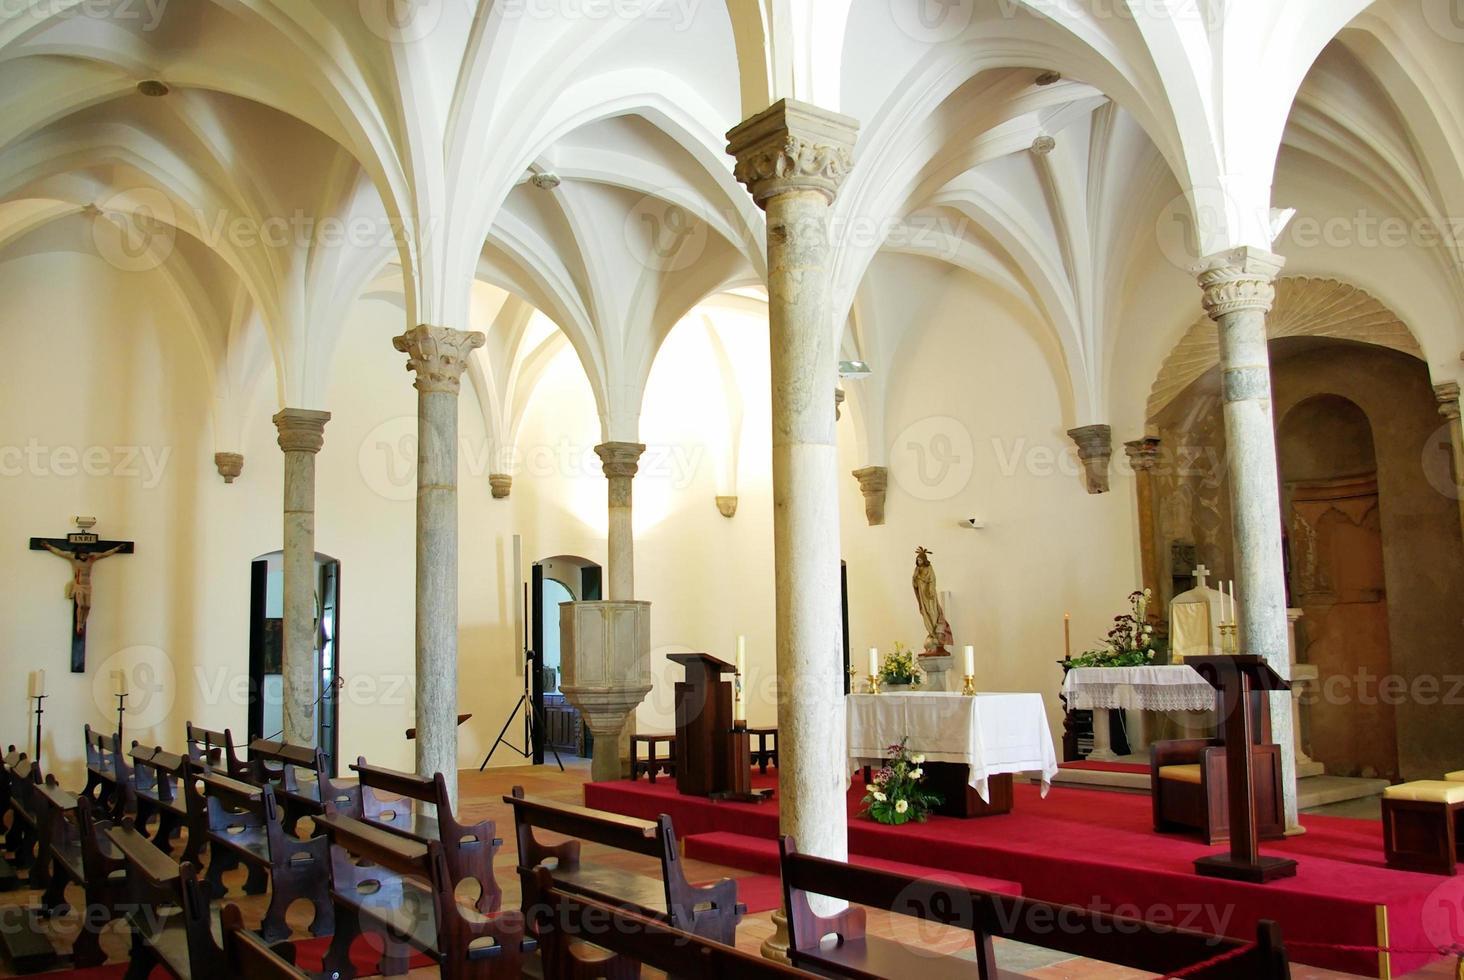 interieur van mertola kerk, portugal. foto